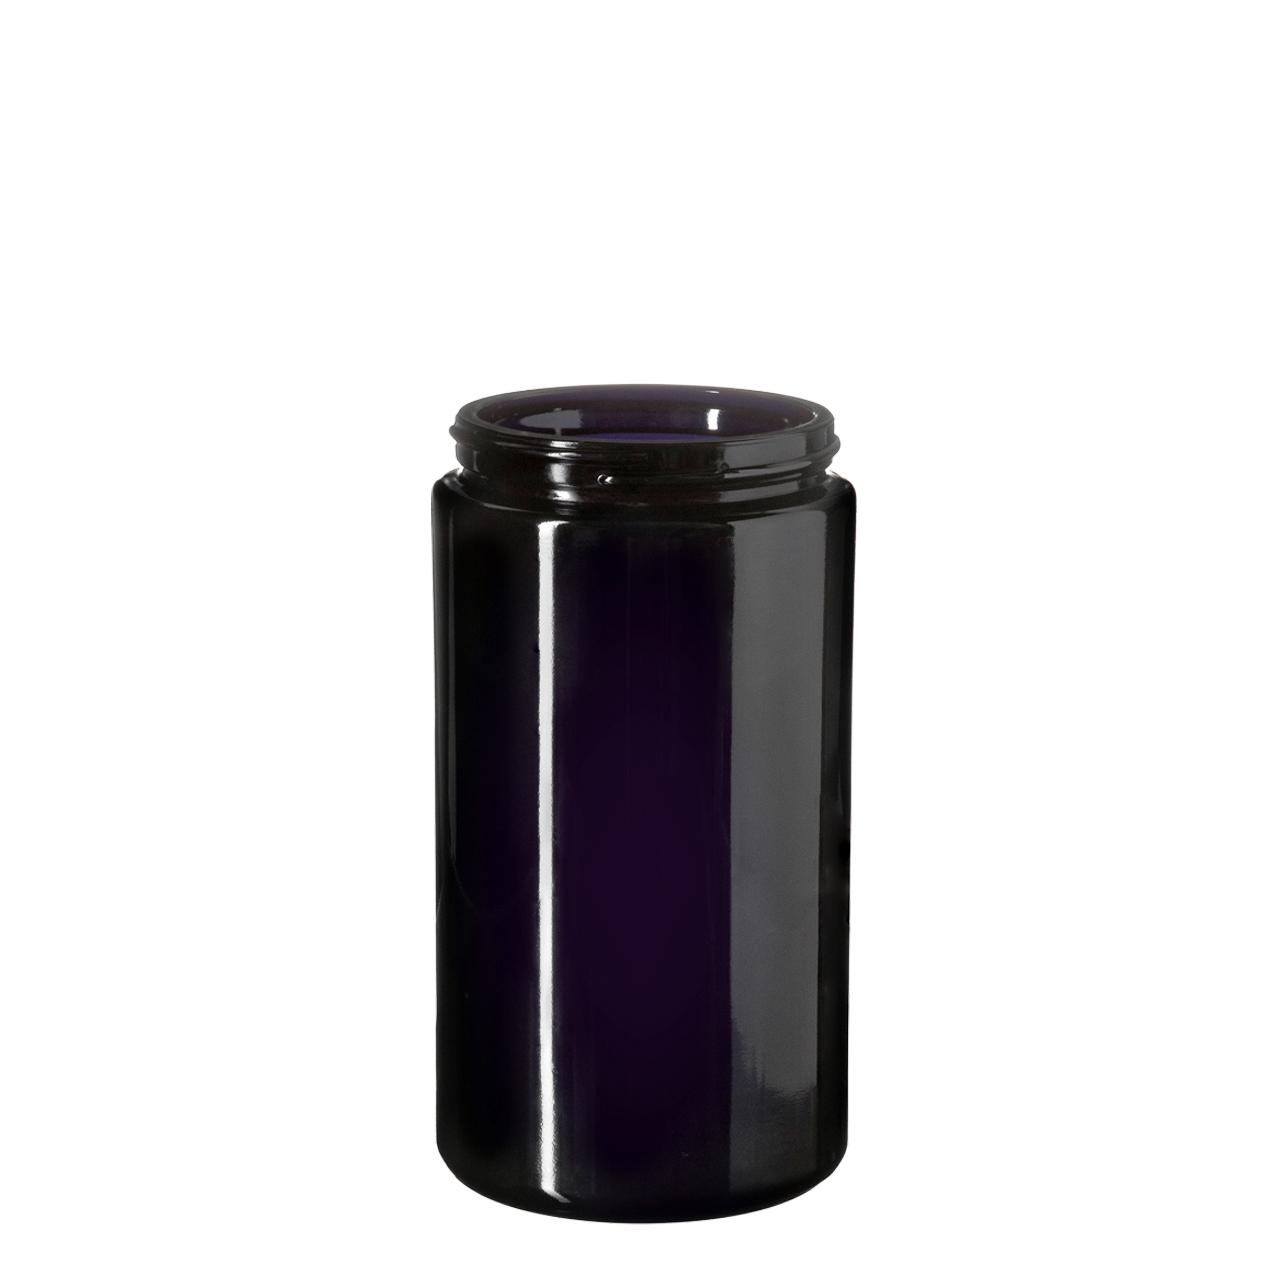 Wide neck jar Saturn 500 ml, Miron, 75/400 thread